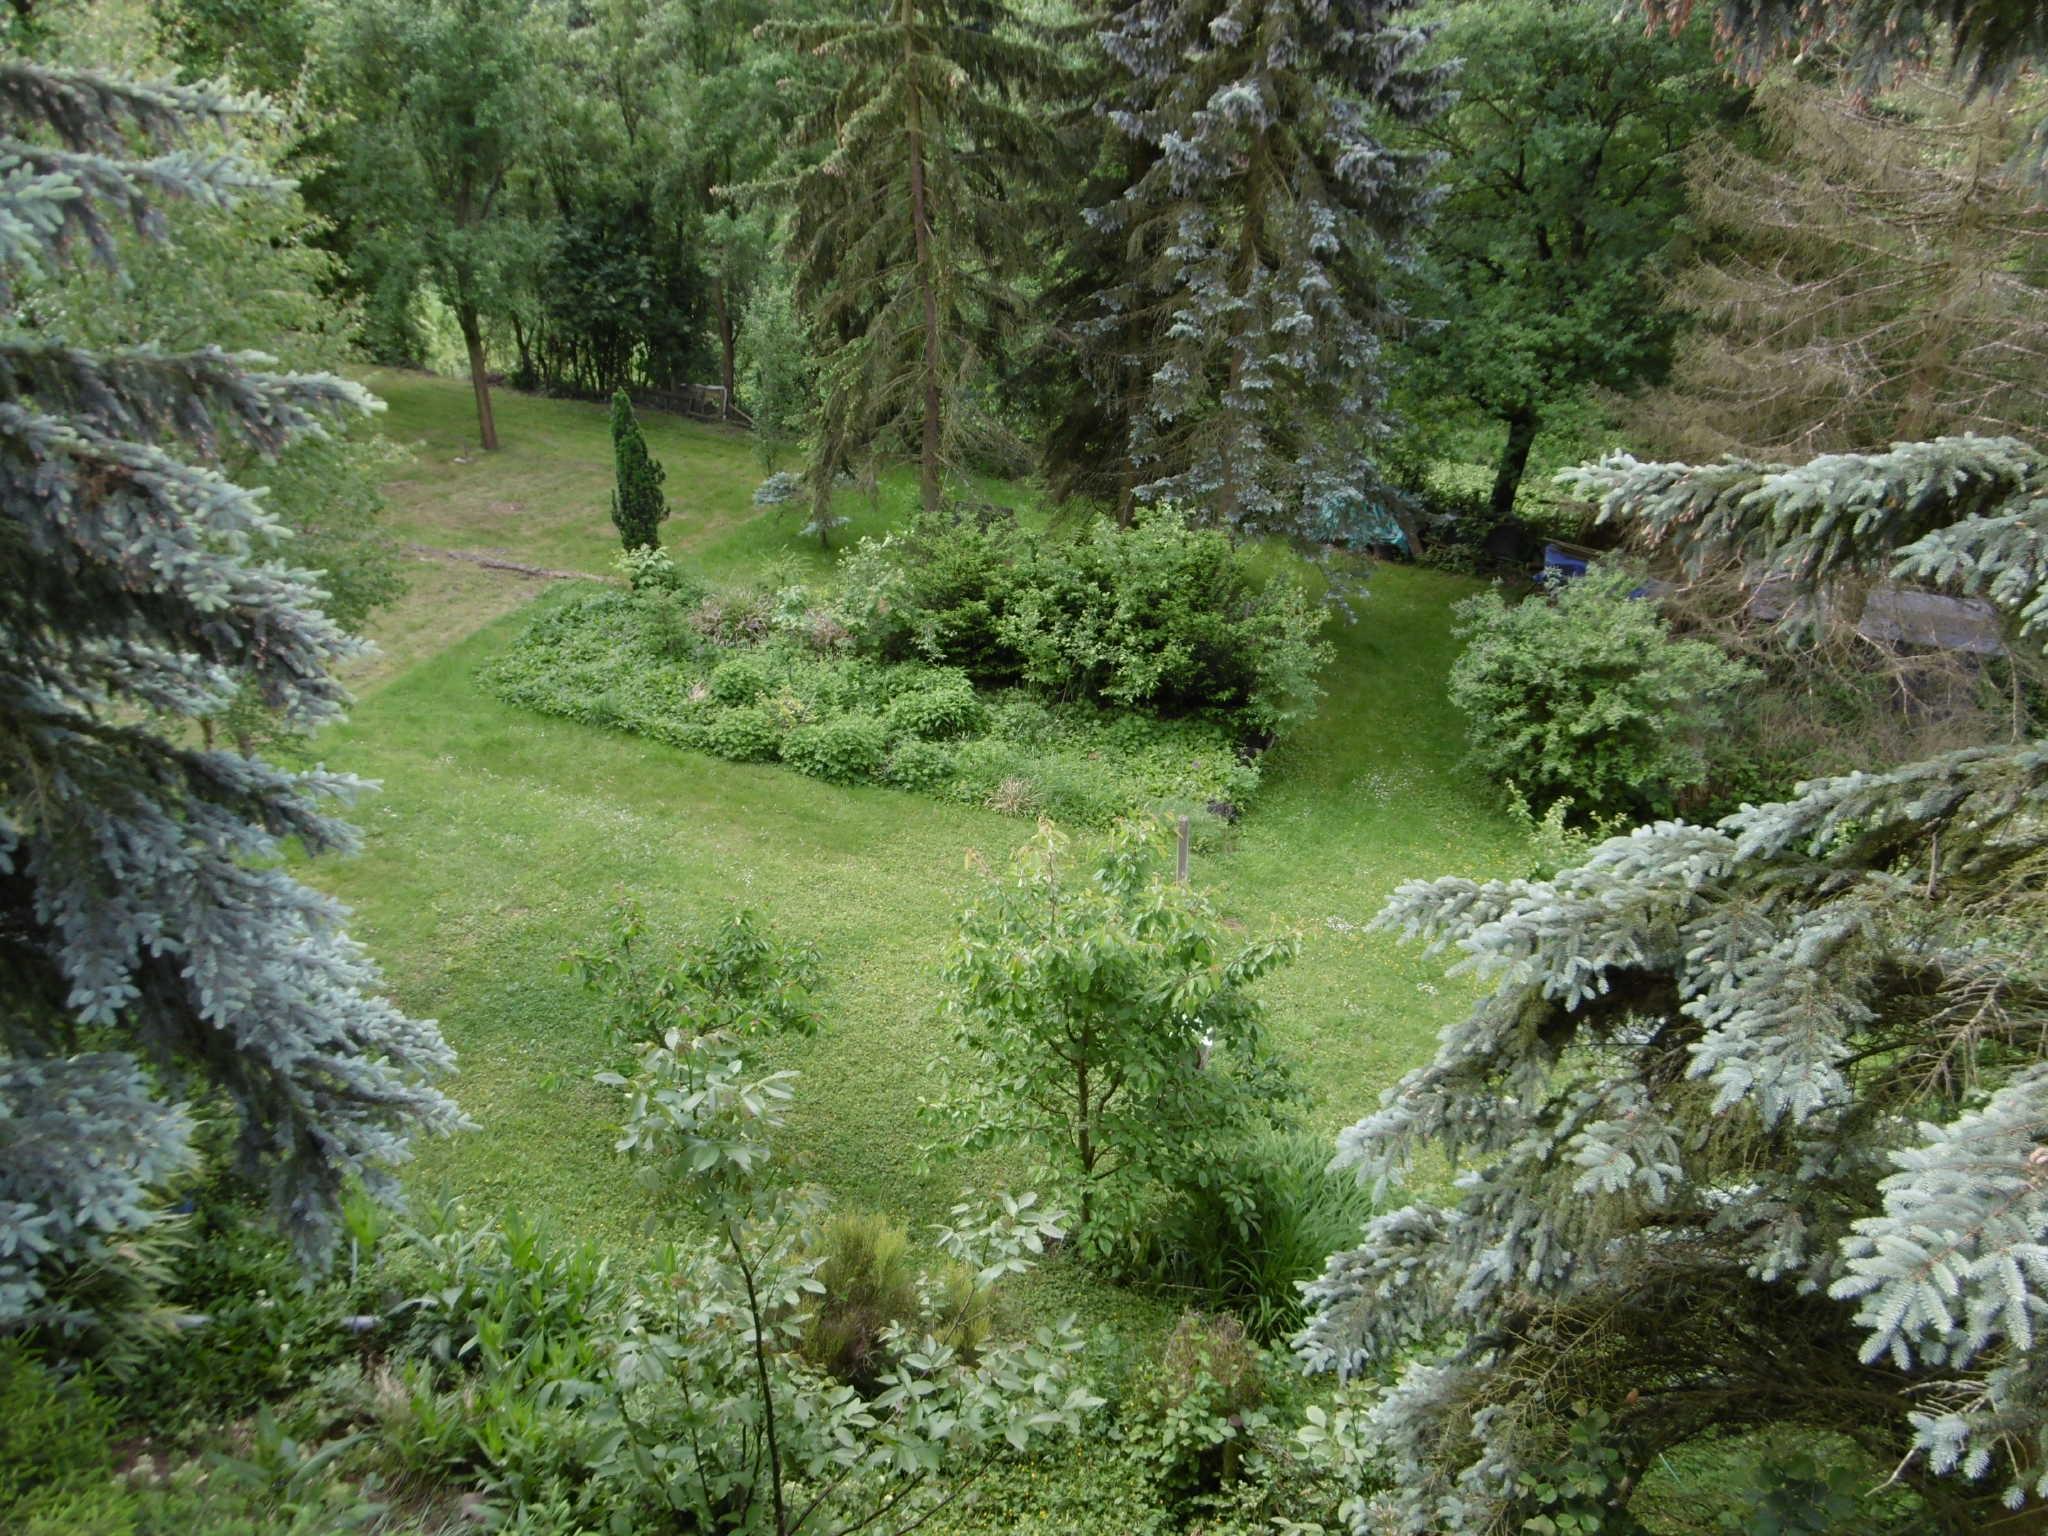 Vom Balkon ein herrlicher Blick ins Grün